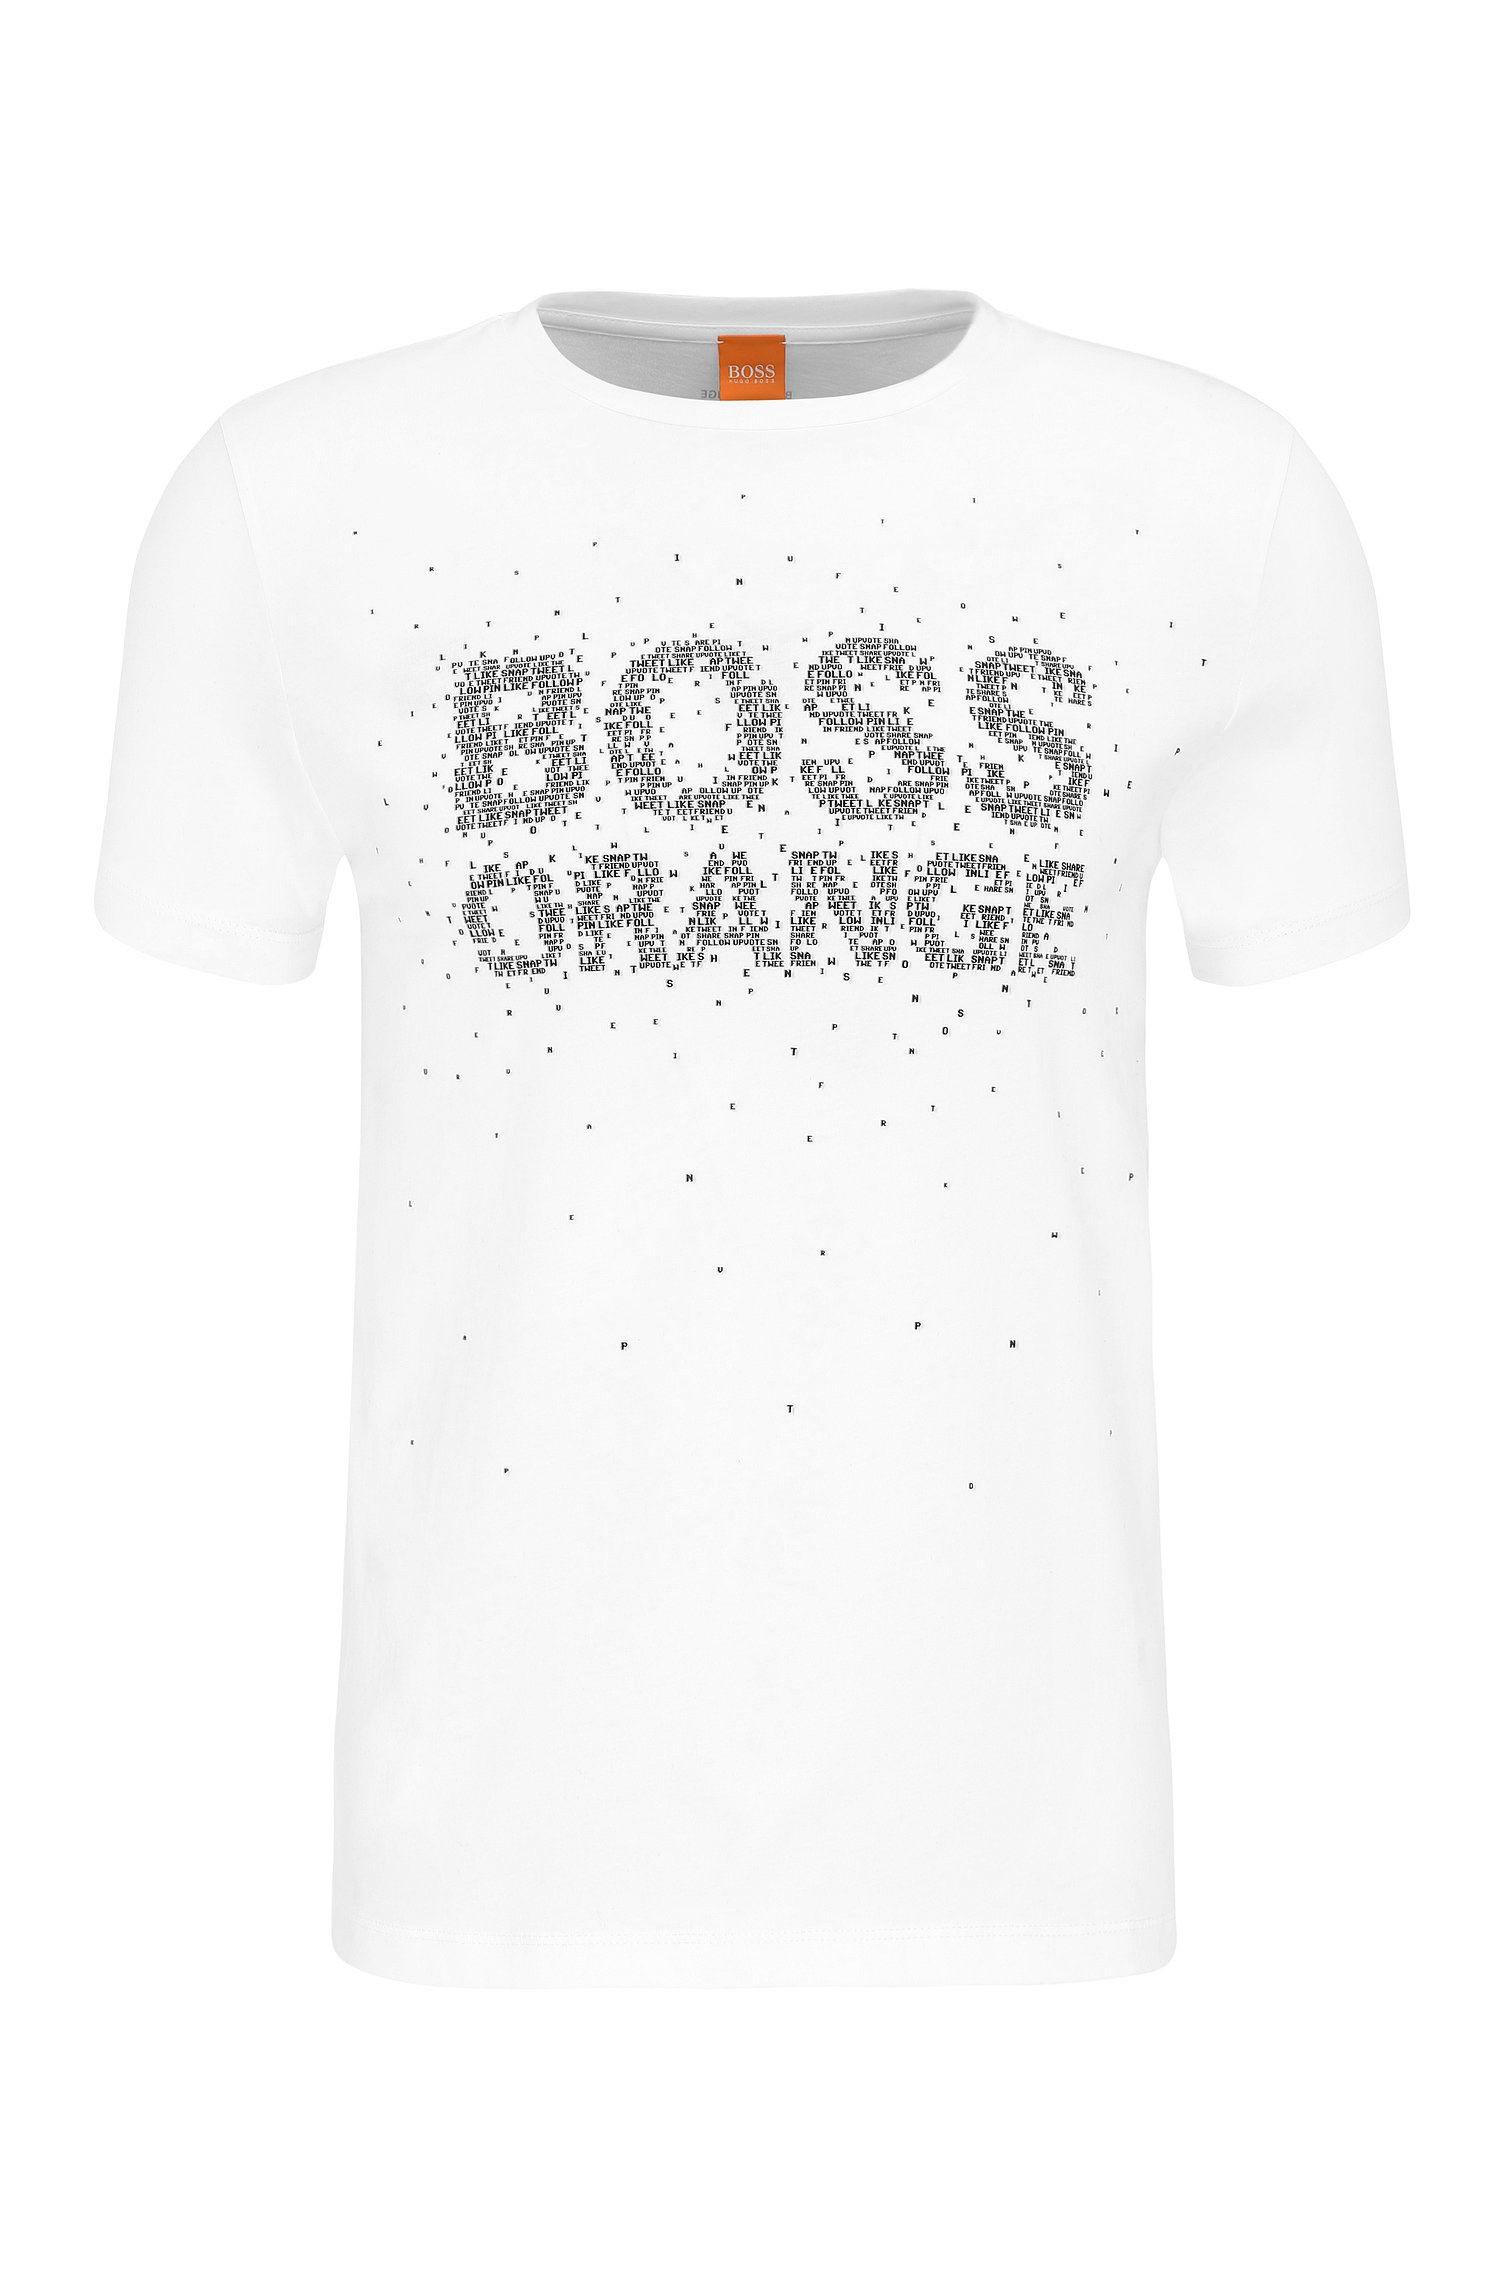 T-shirt regular fit in cotone con stampa del logo rivisitata